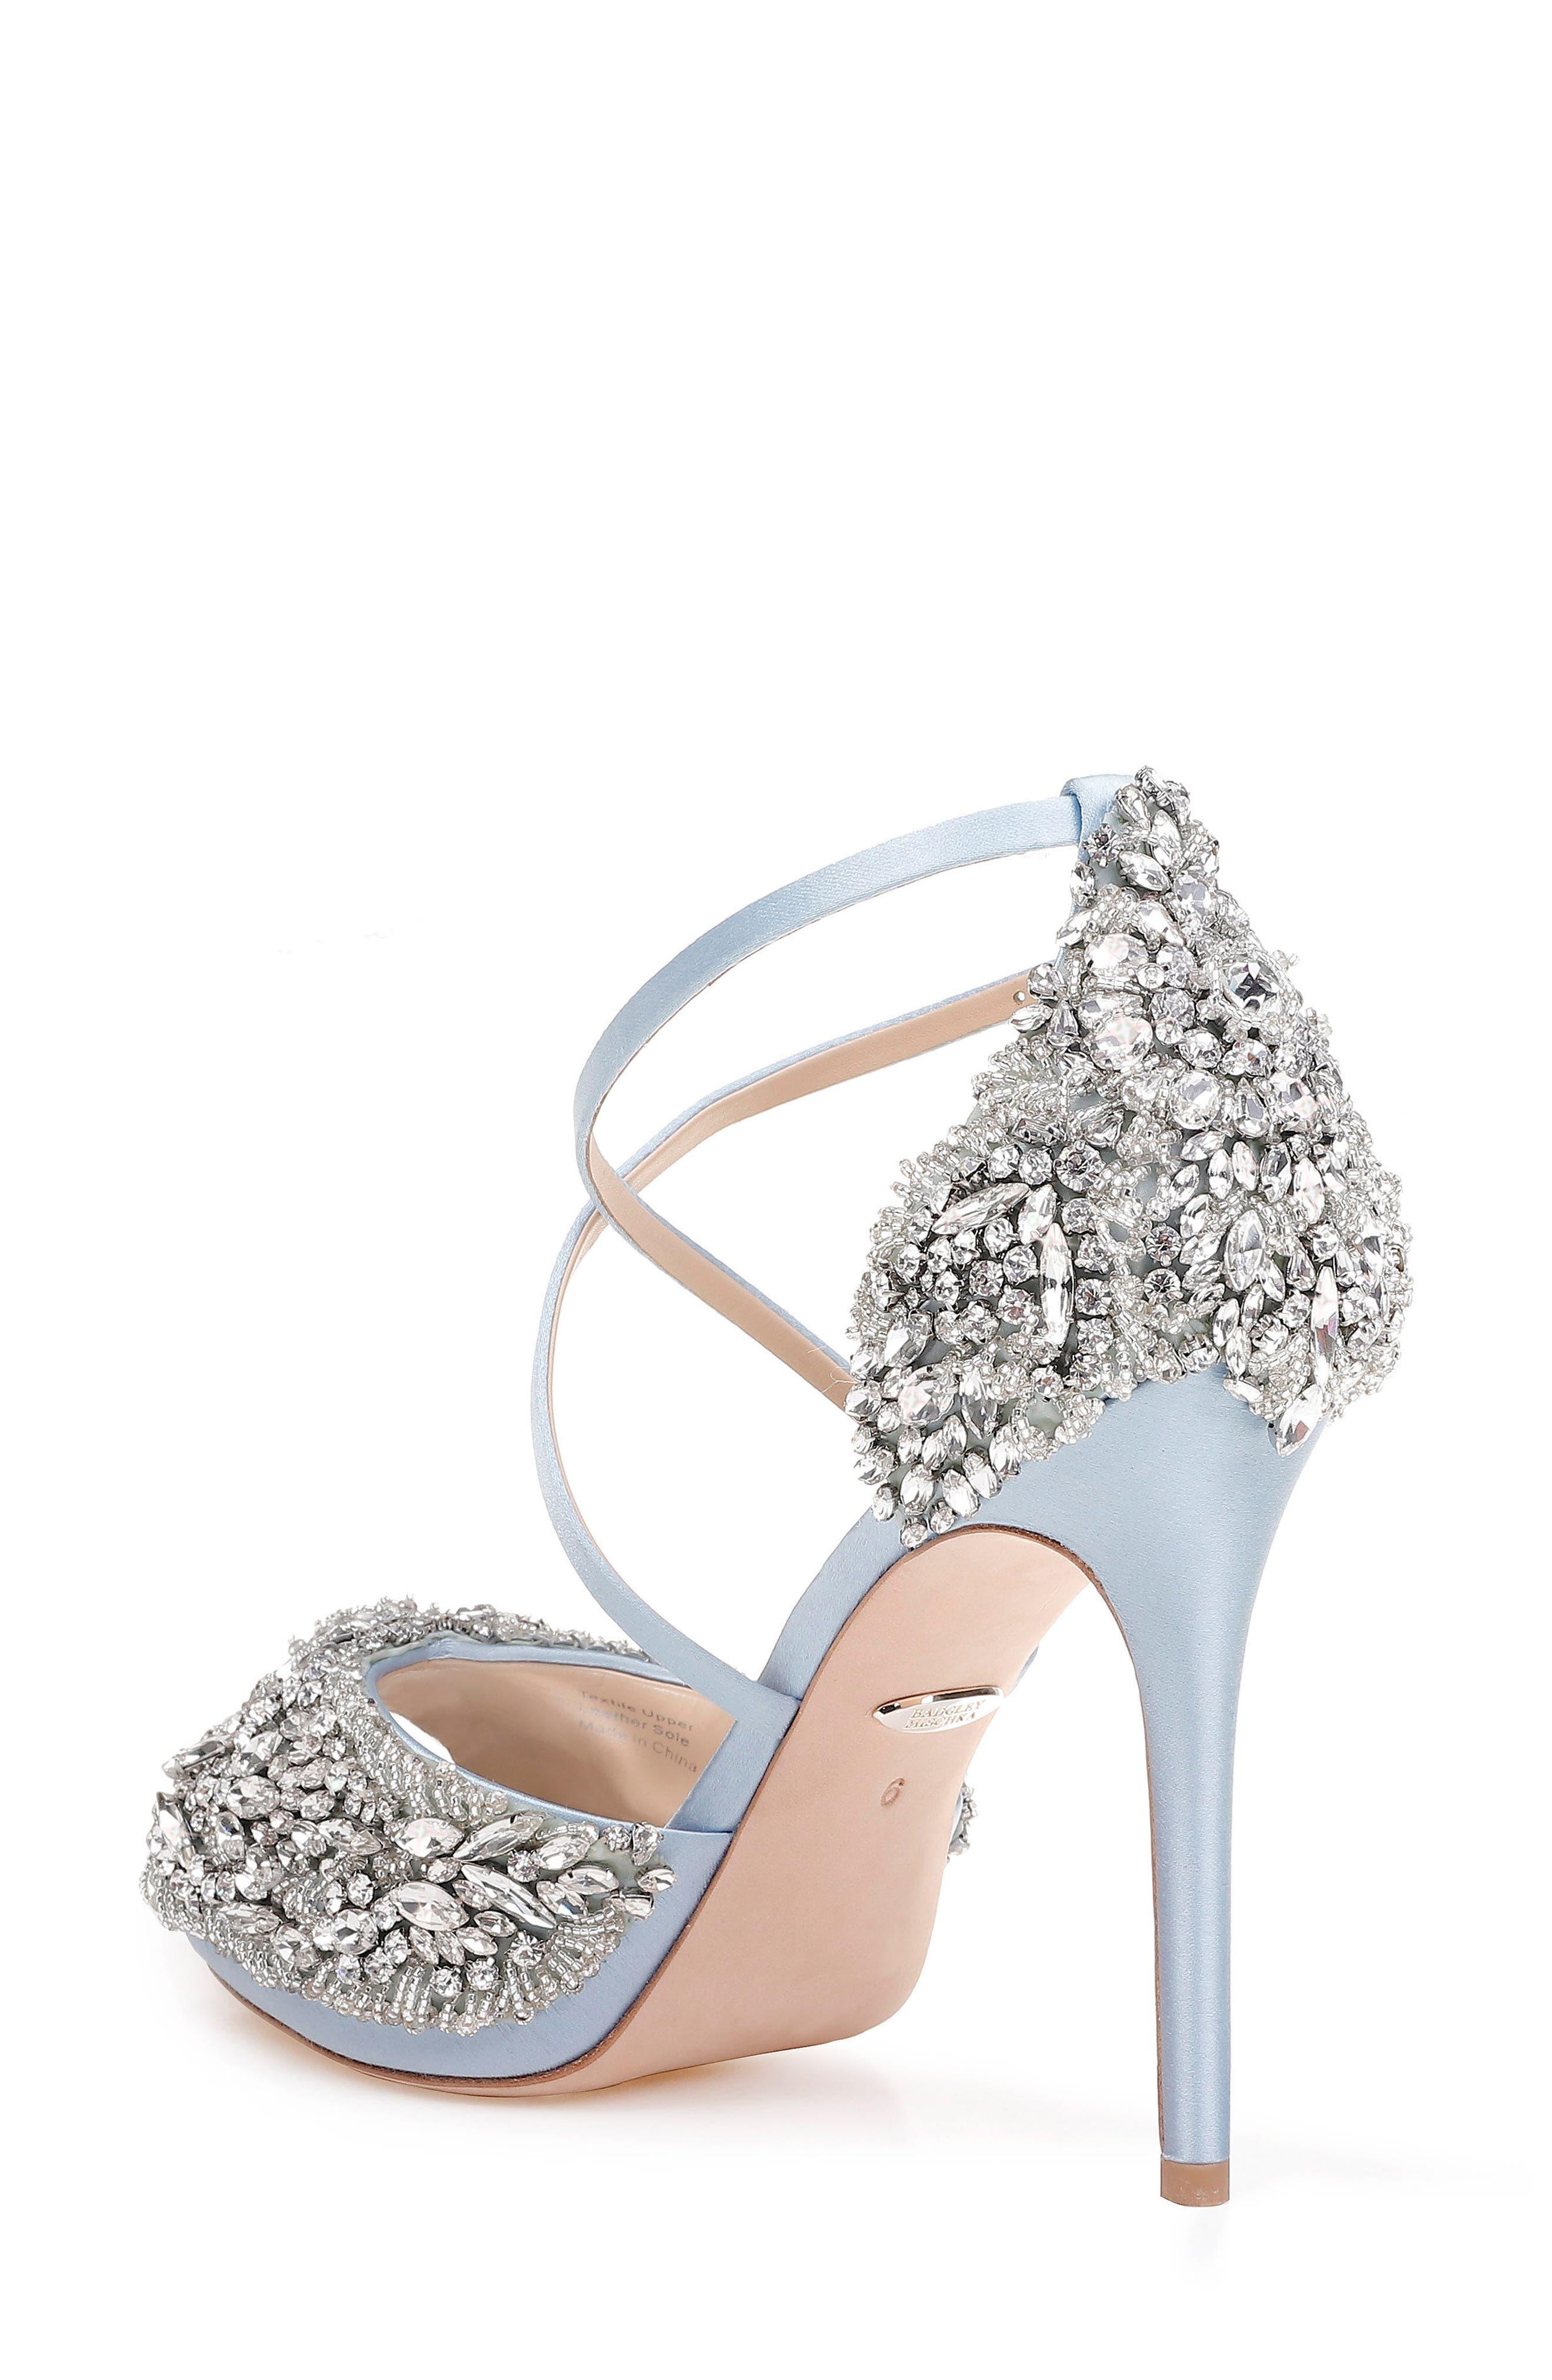 Hyper Crystal Embellished Sandal,                             Alternate thumbnail 2, color,                             Light Blue Satin